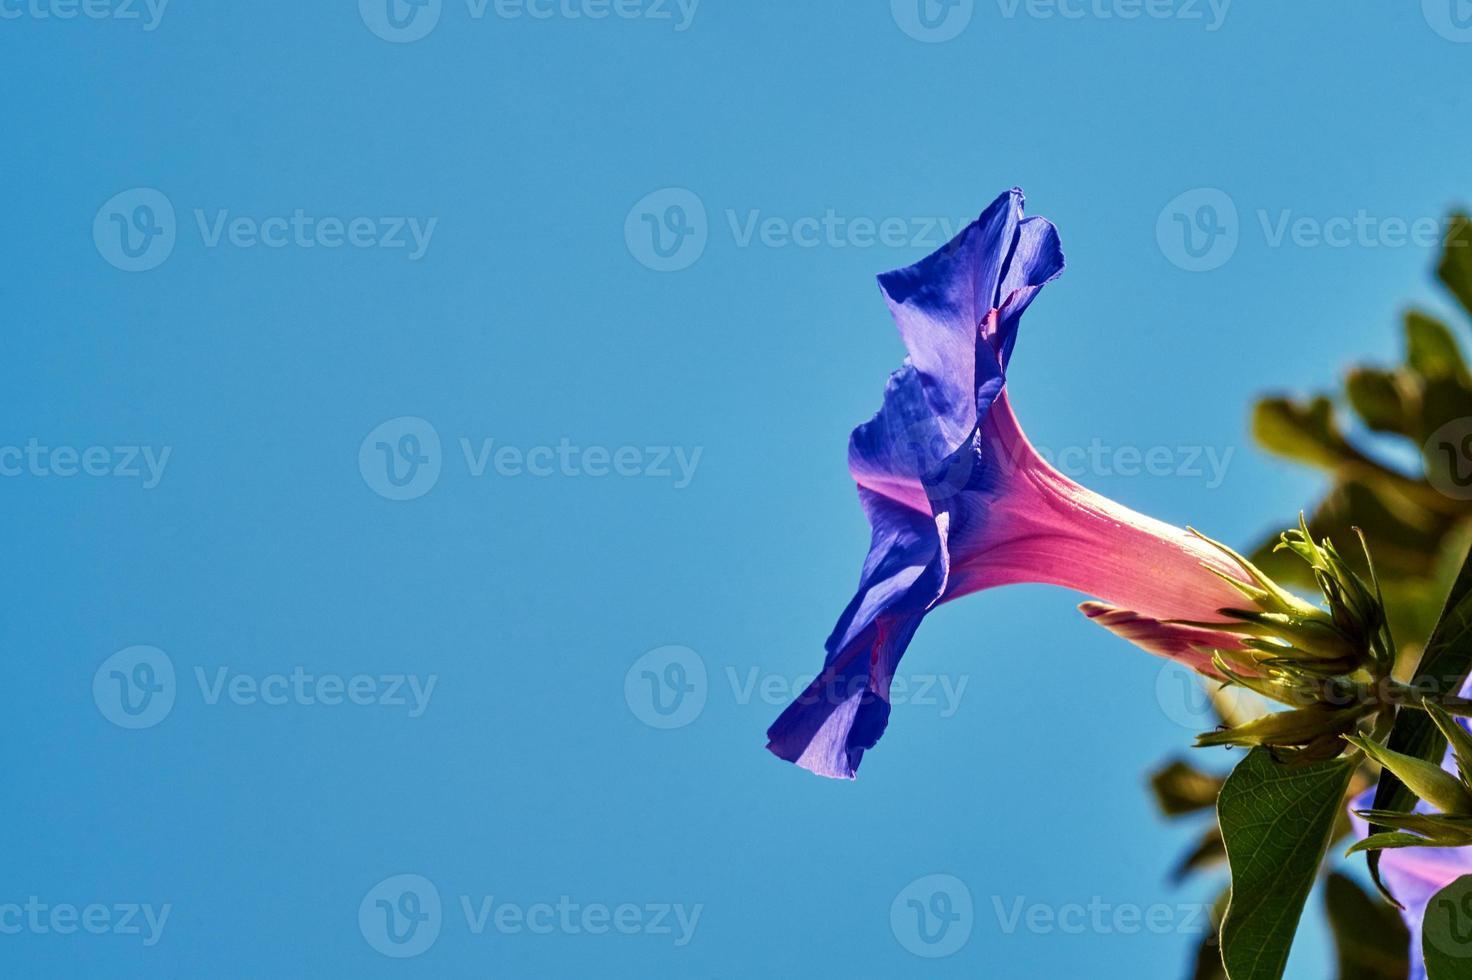 violette bloem bindweed tegen de hemel foto